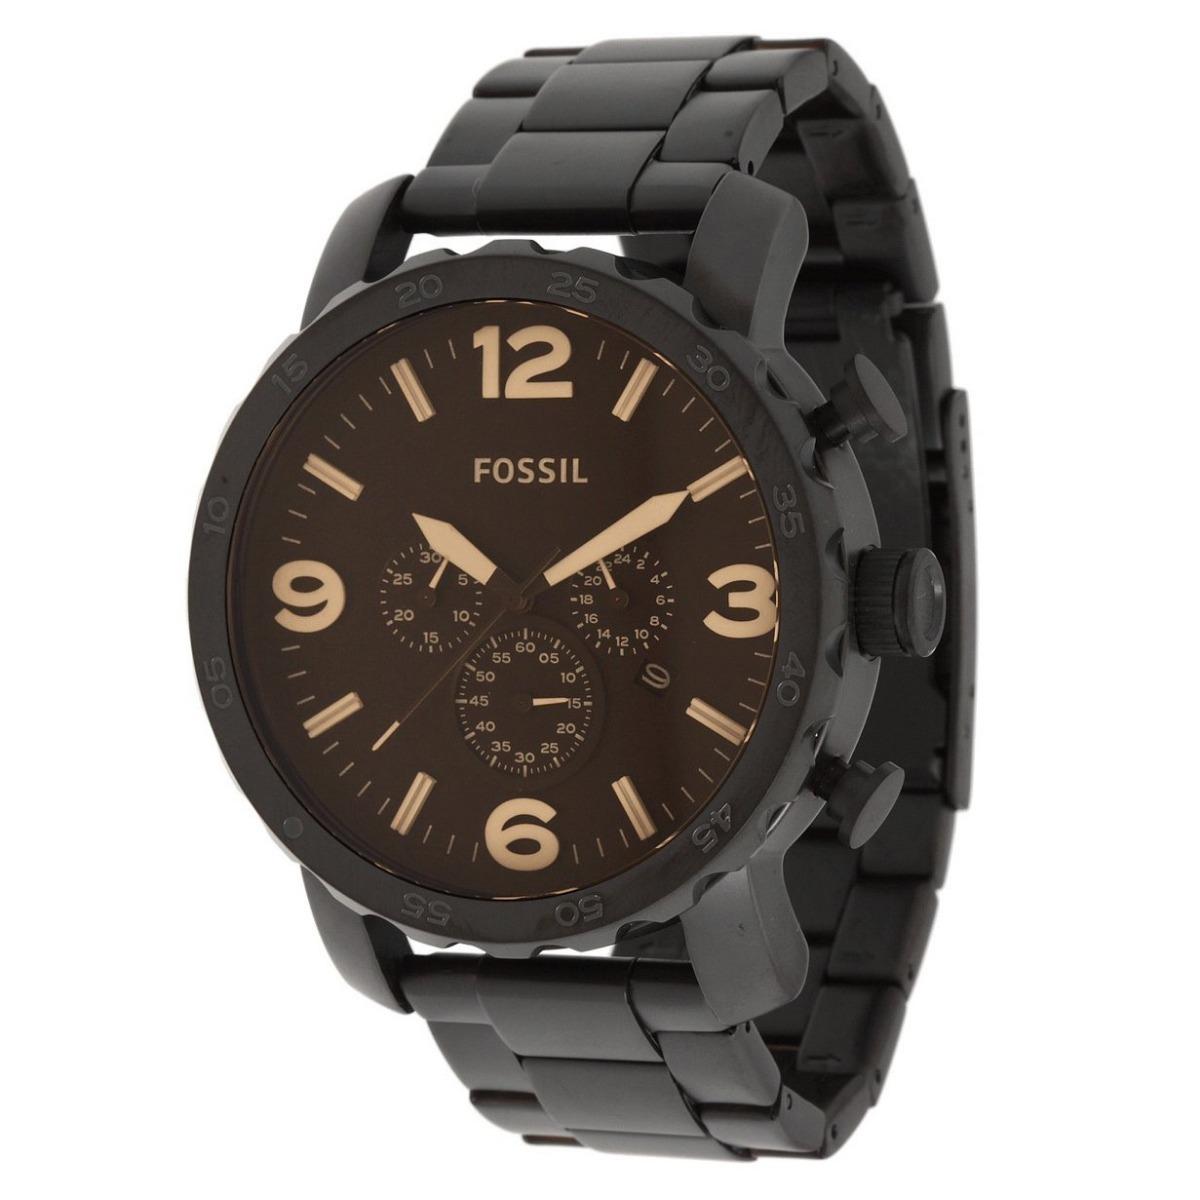 0c1367b80c2c0 Relógio Fossil Masculino Nate Jr1356 Preto Marrom Original - R  844,00 em  Mercado Livre